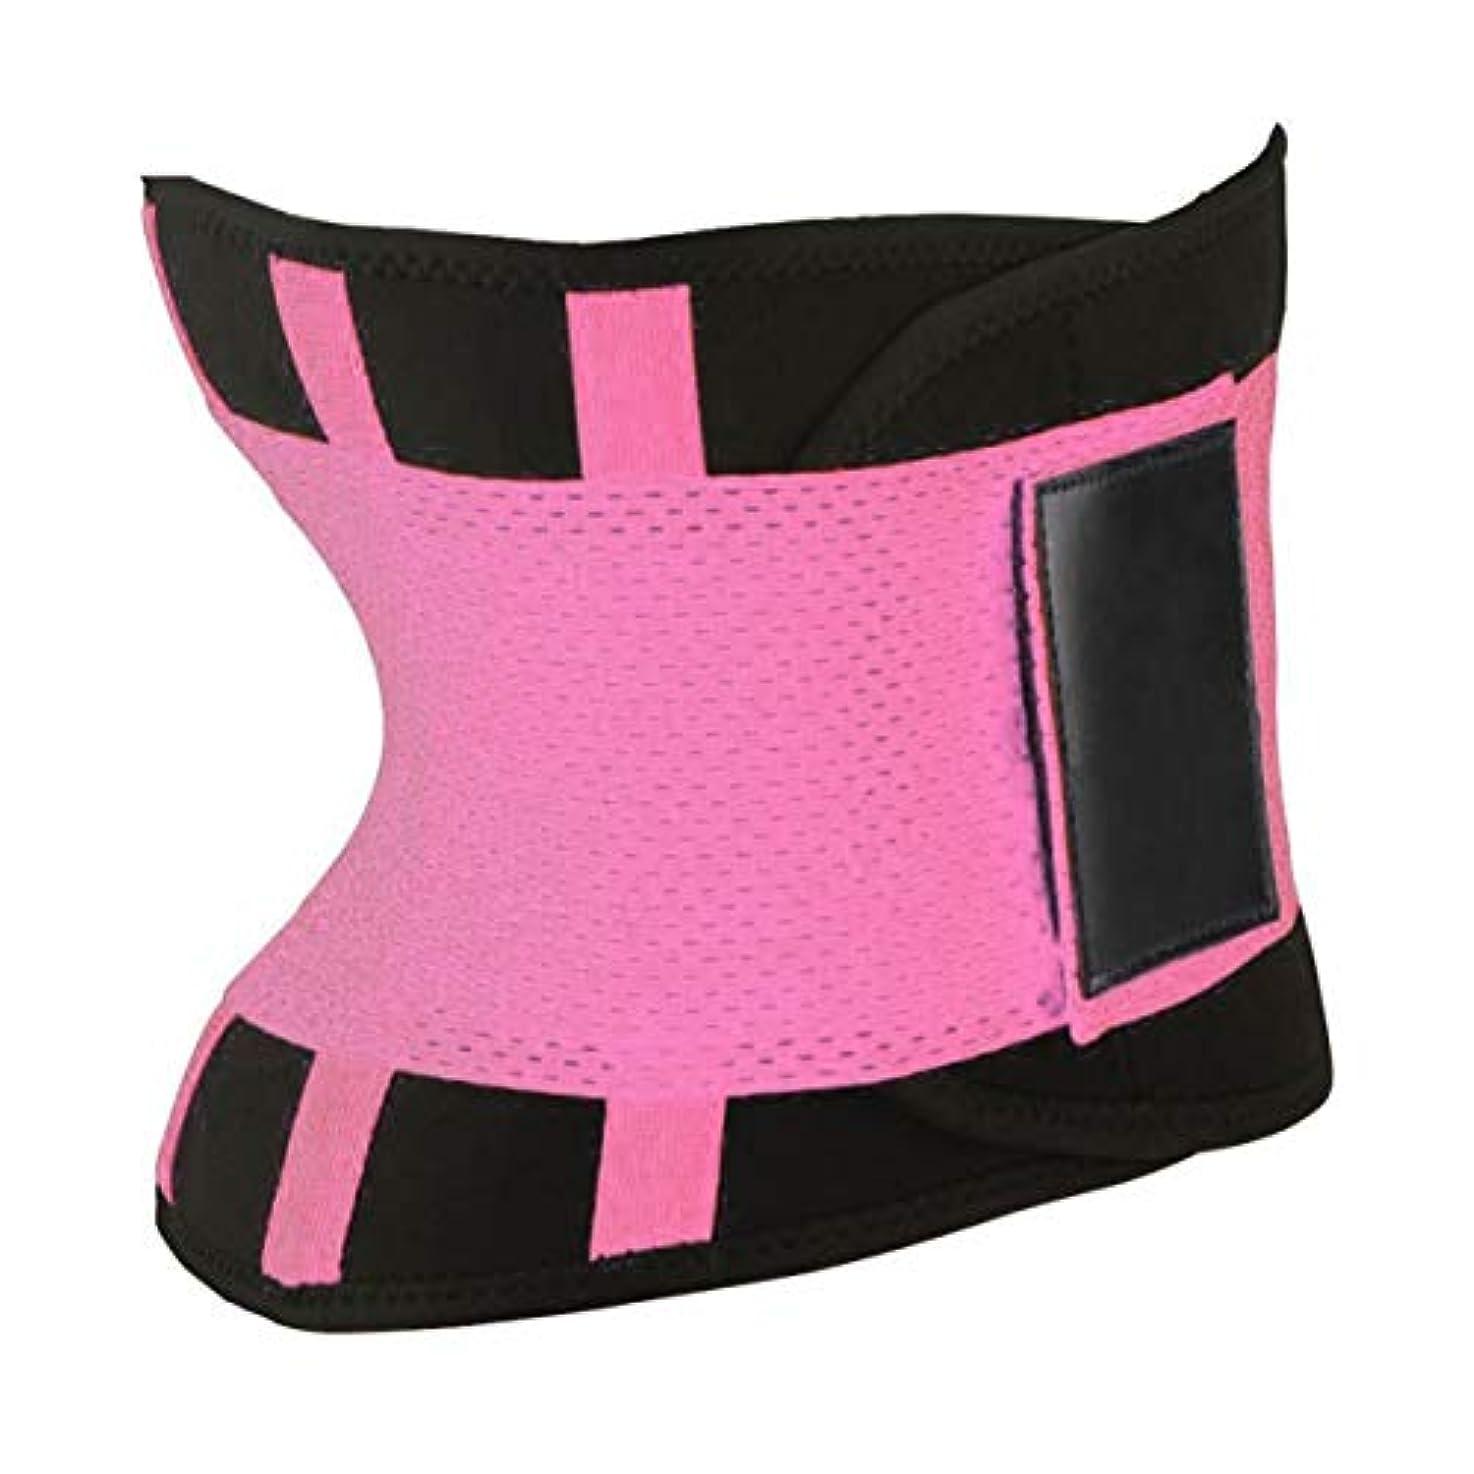 遺伝的侵入装置快適な女性ボディシェイパー痩身シェイパーベルトスポーツ女性ウエストトレーナーニッパー制御バーニングボディおなかベルト - ピンク2xl